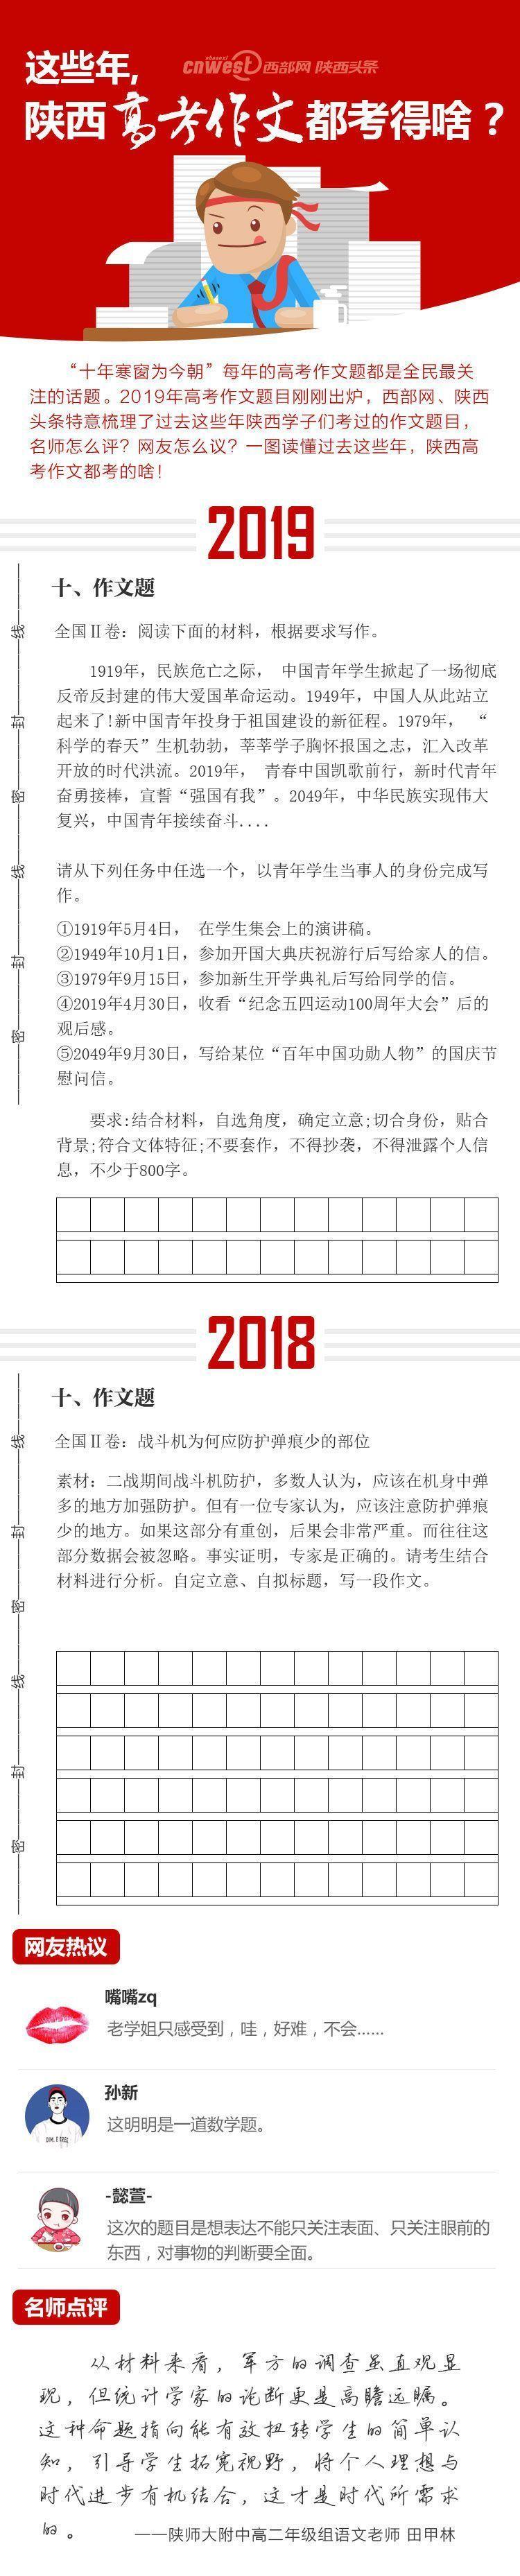 刚刚!2019太阳城注册网址太阳城集团网址高考作文题出炉!.jpg